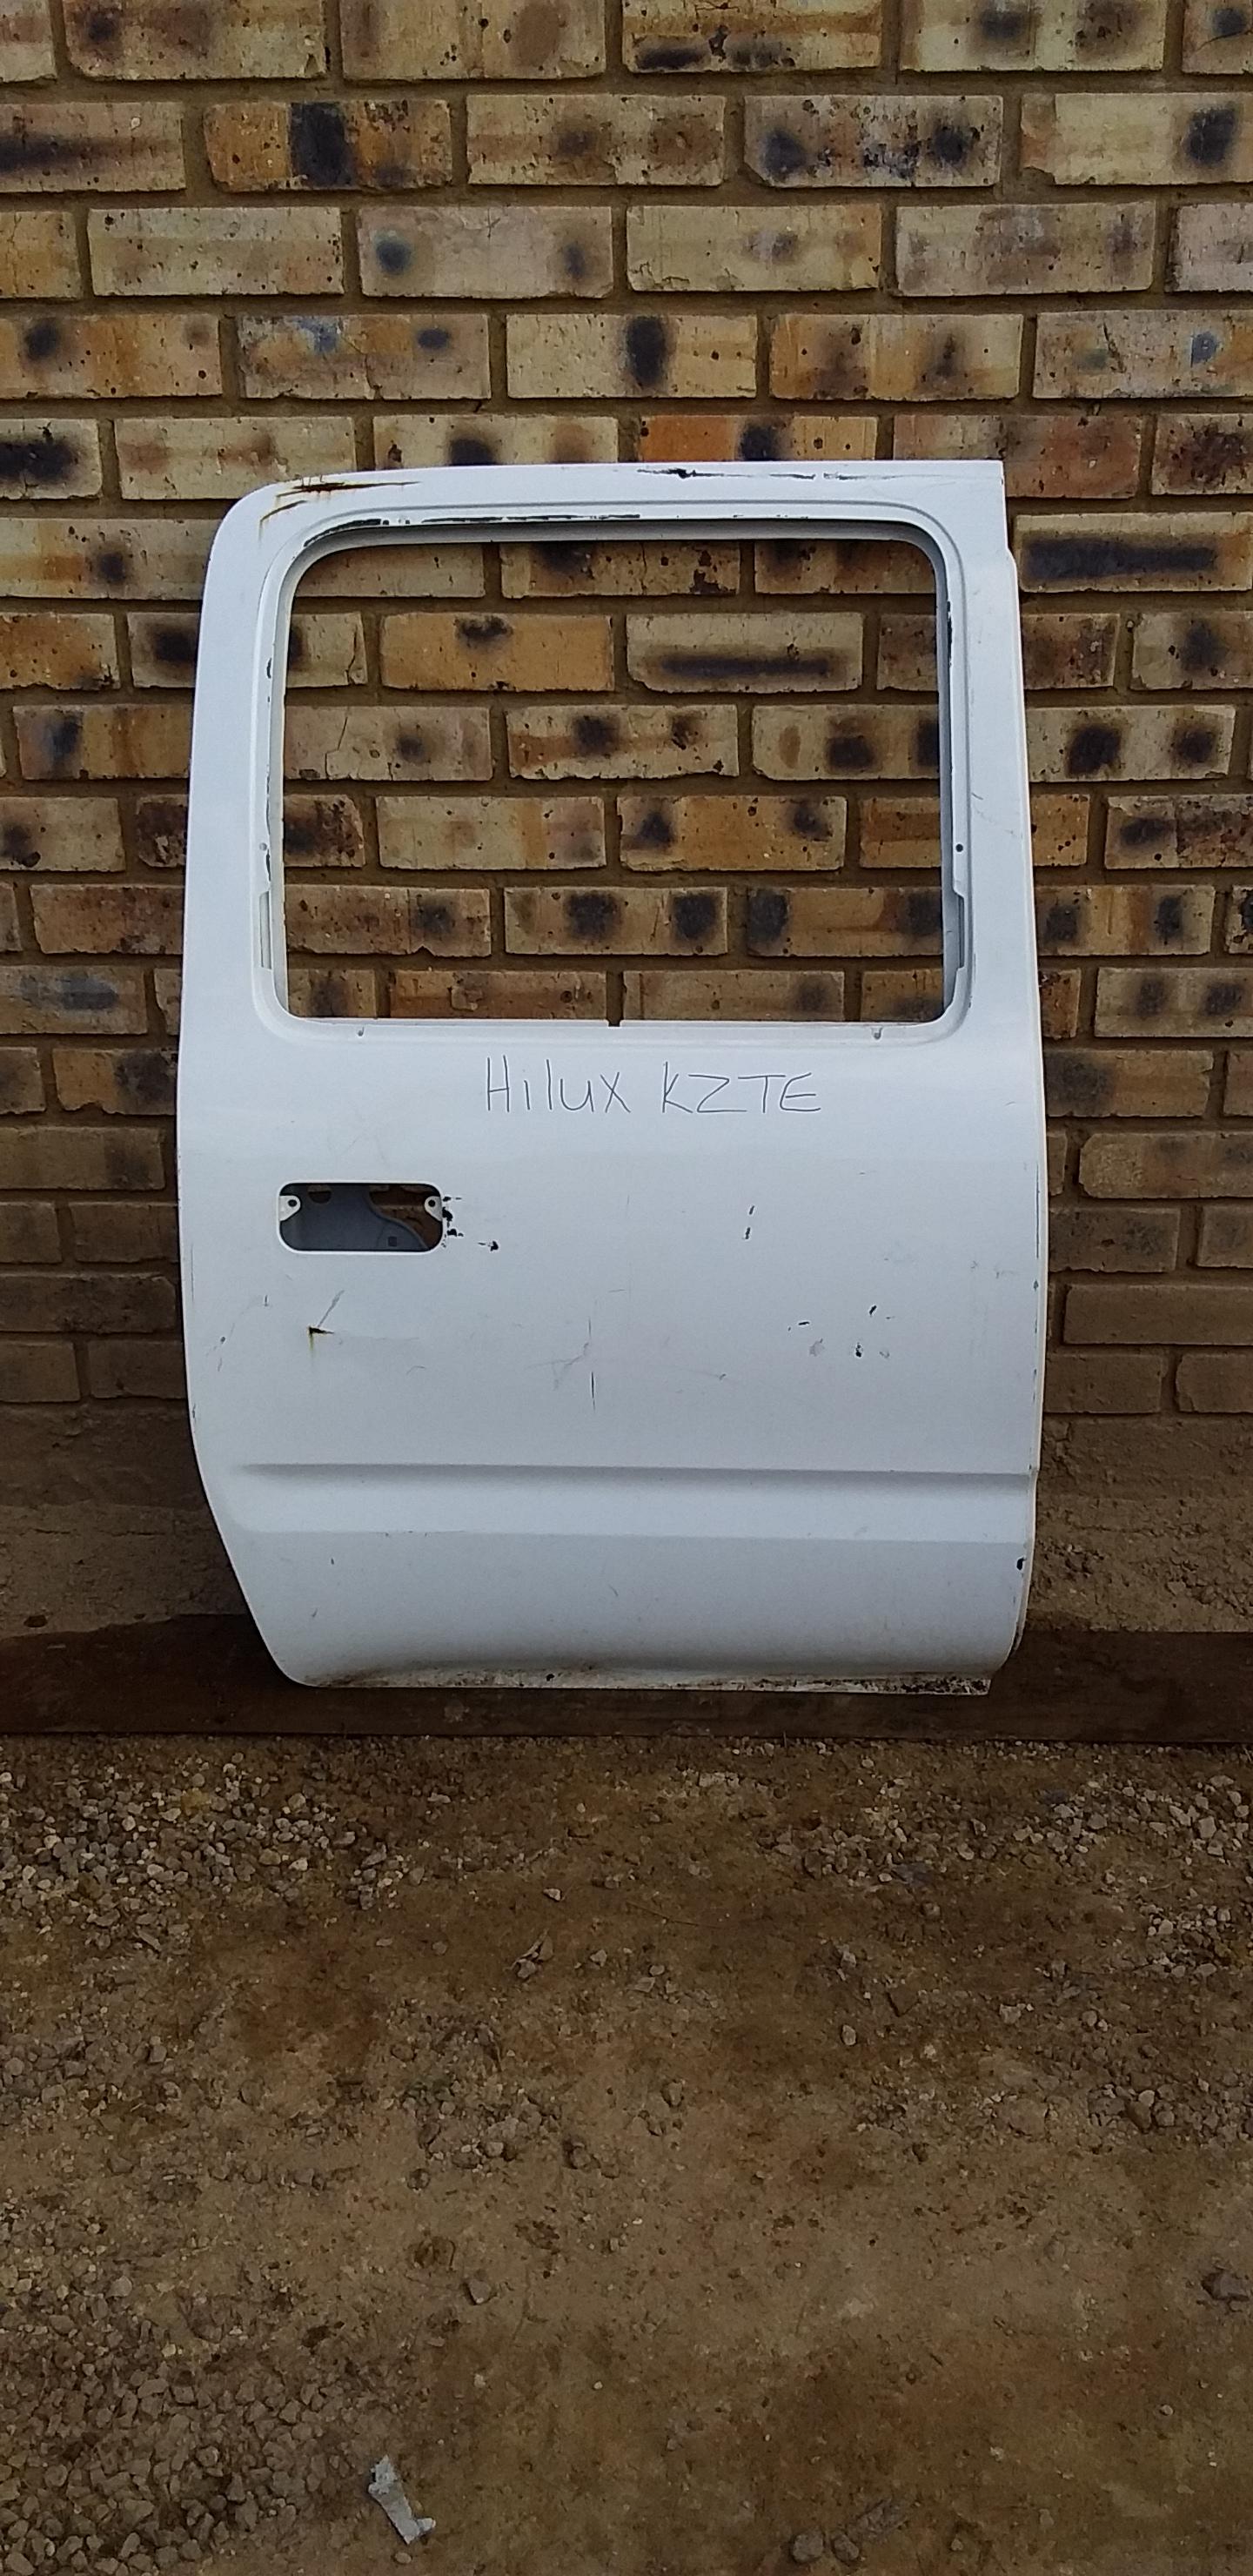 Toyota Hilux KZTE Shape Door